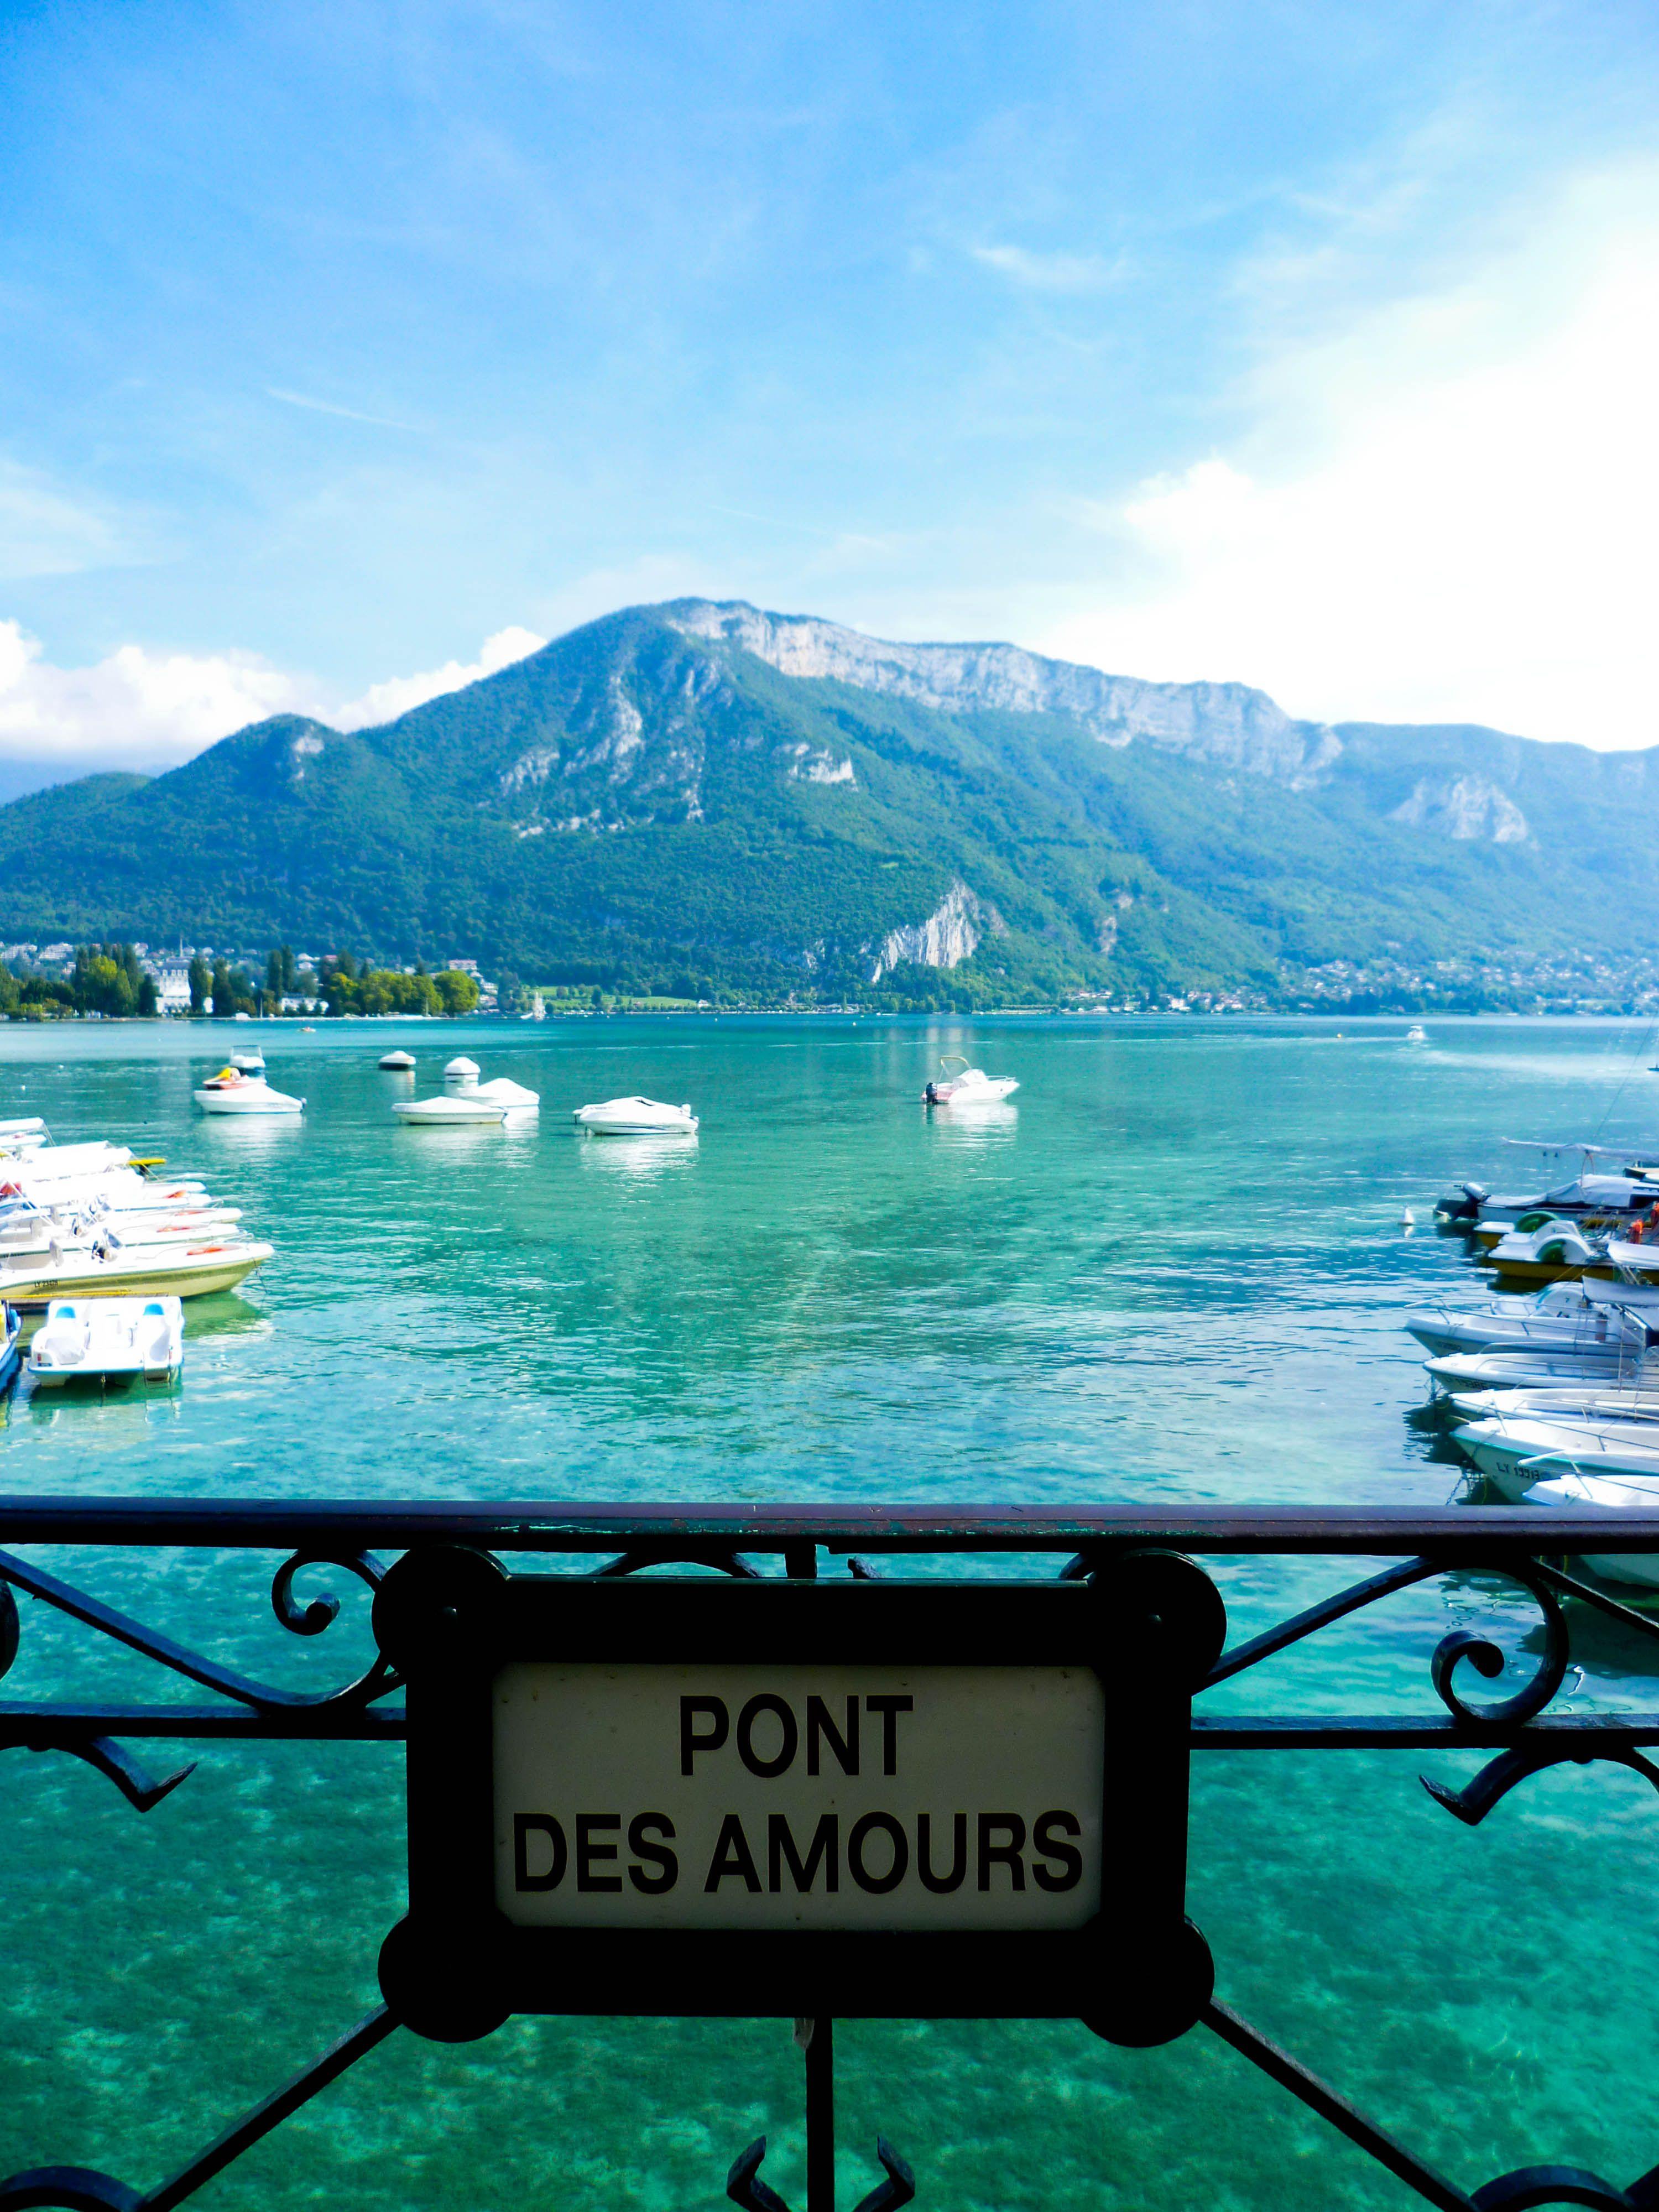 Je Suis Juste Tombée Amoureuse De Toi Annecy Pont Des